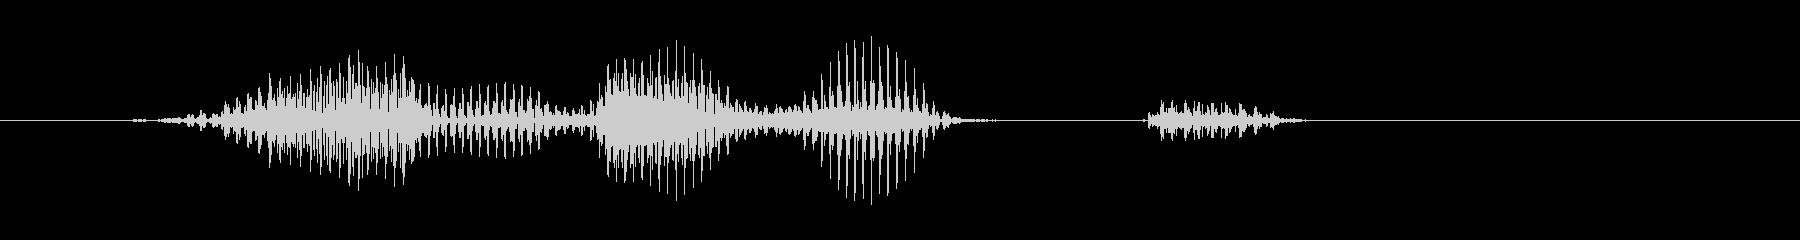 ロングヒットの未再生の波形